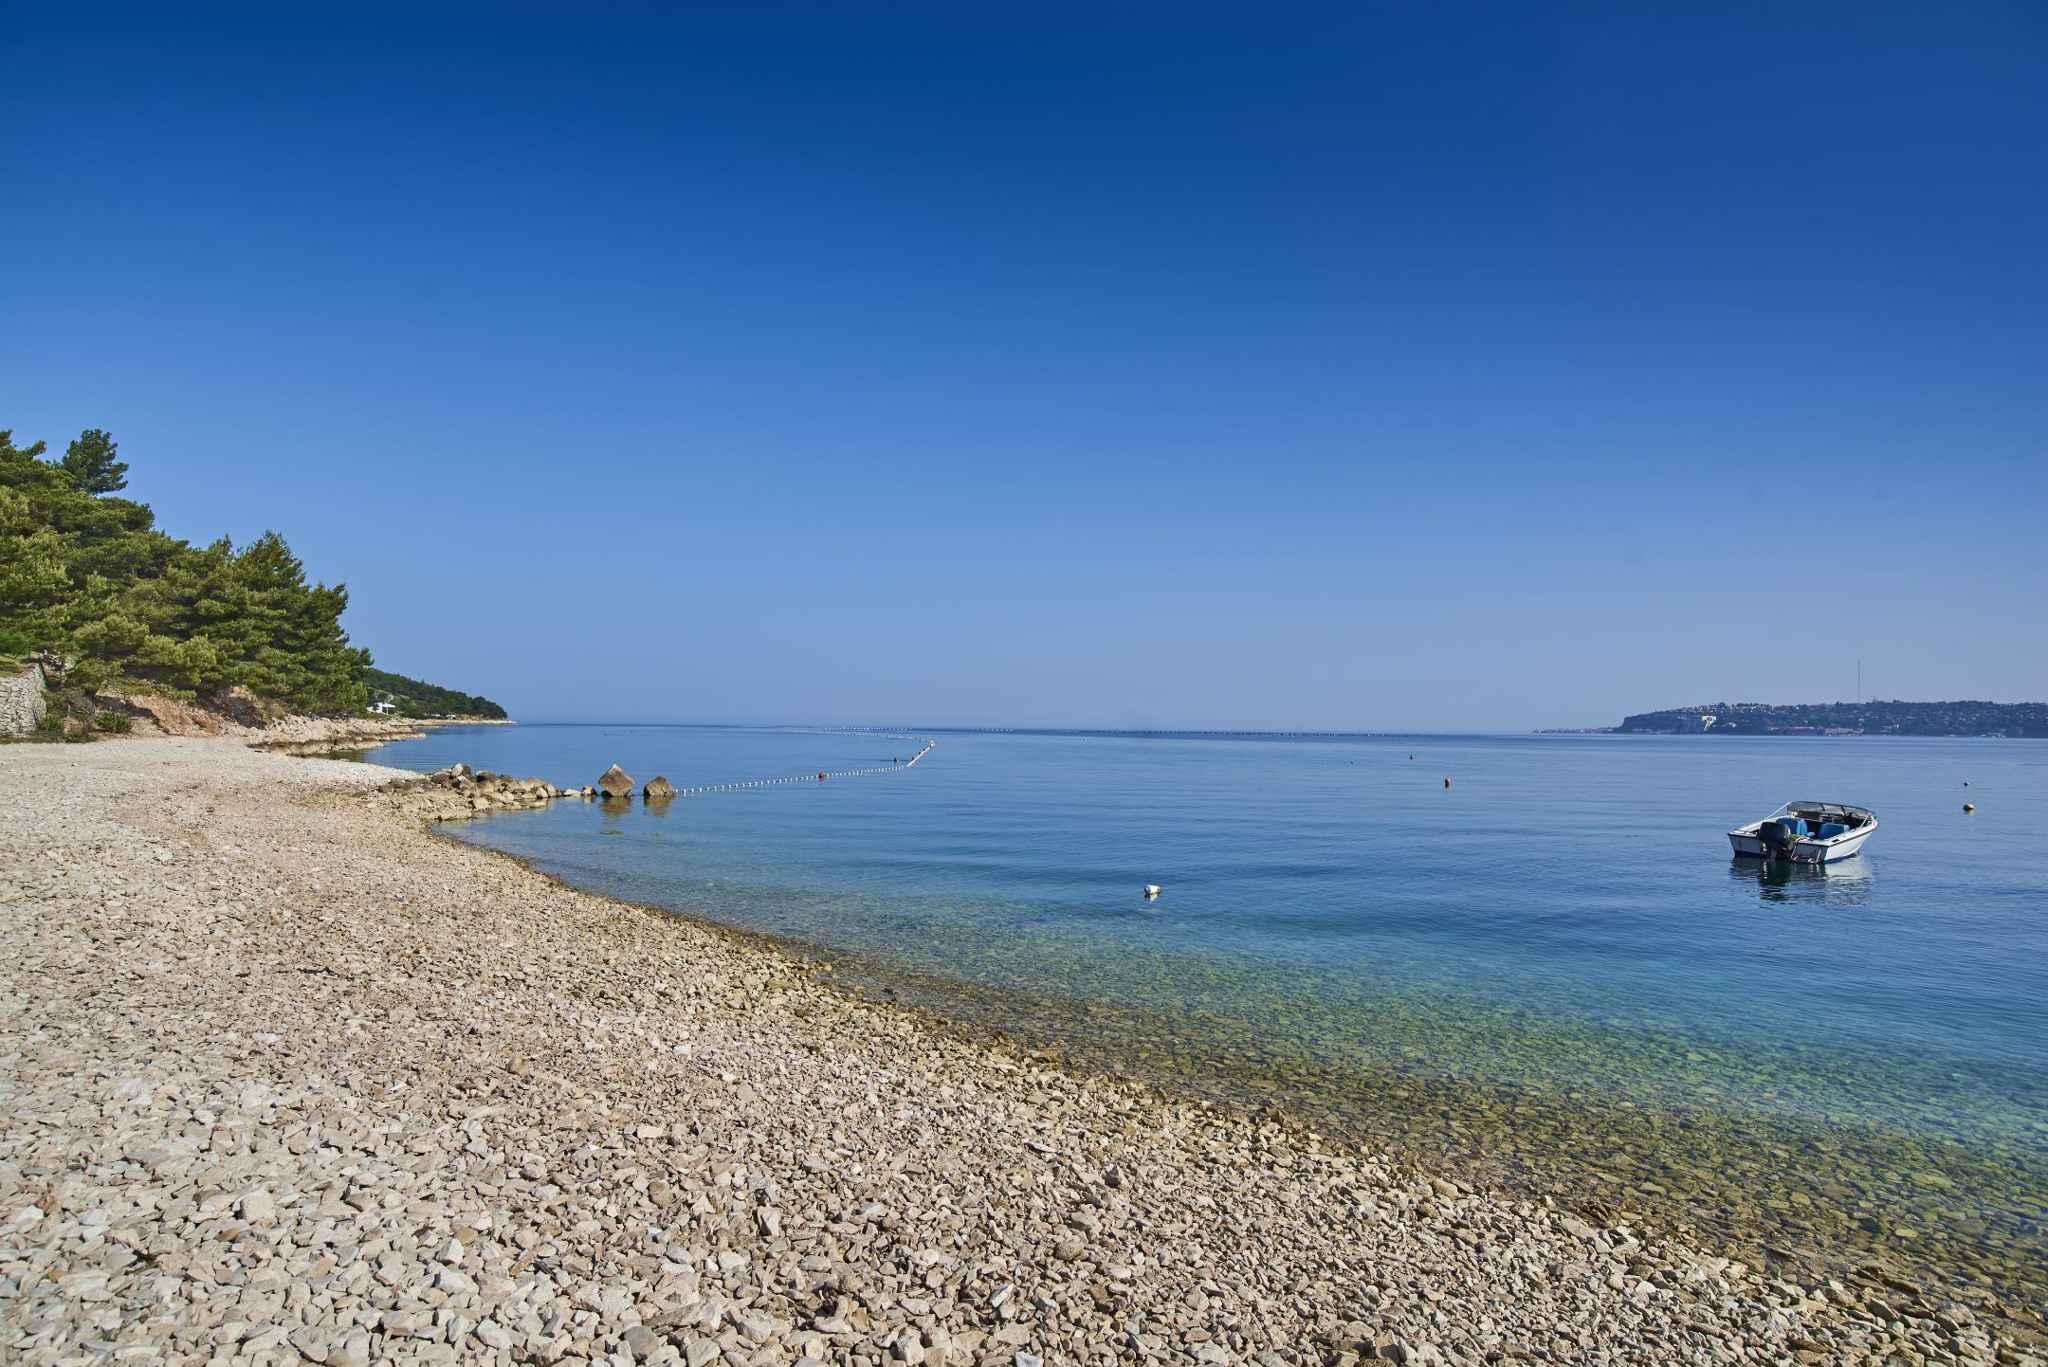 Ferienhaus Bungalow in der Ferienanlage Kanegra (281162), Umag, , Istrien, Kroatien, Bild 14